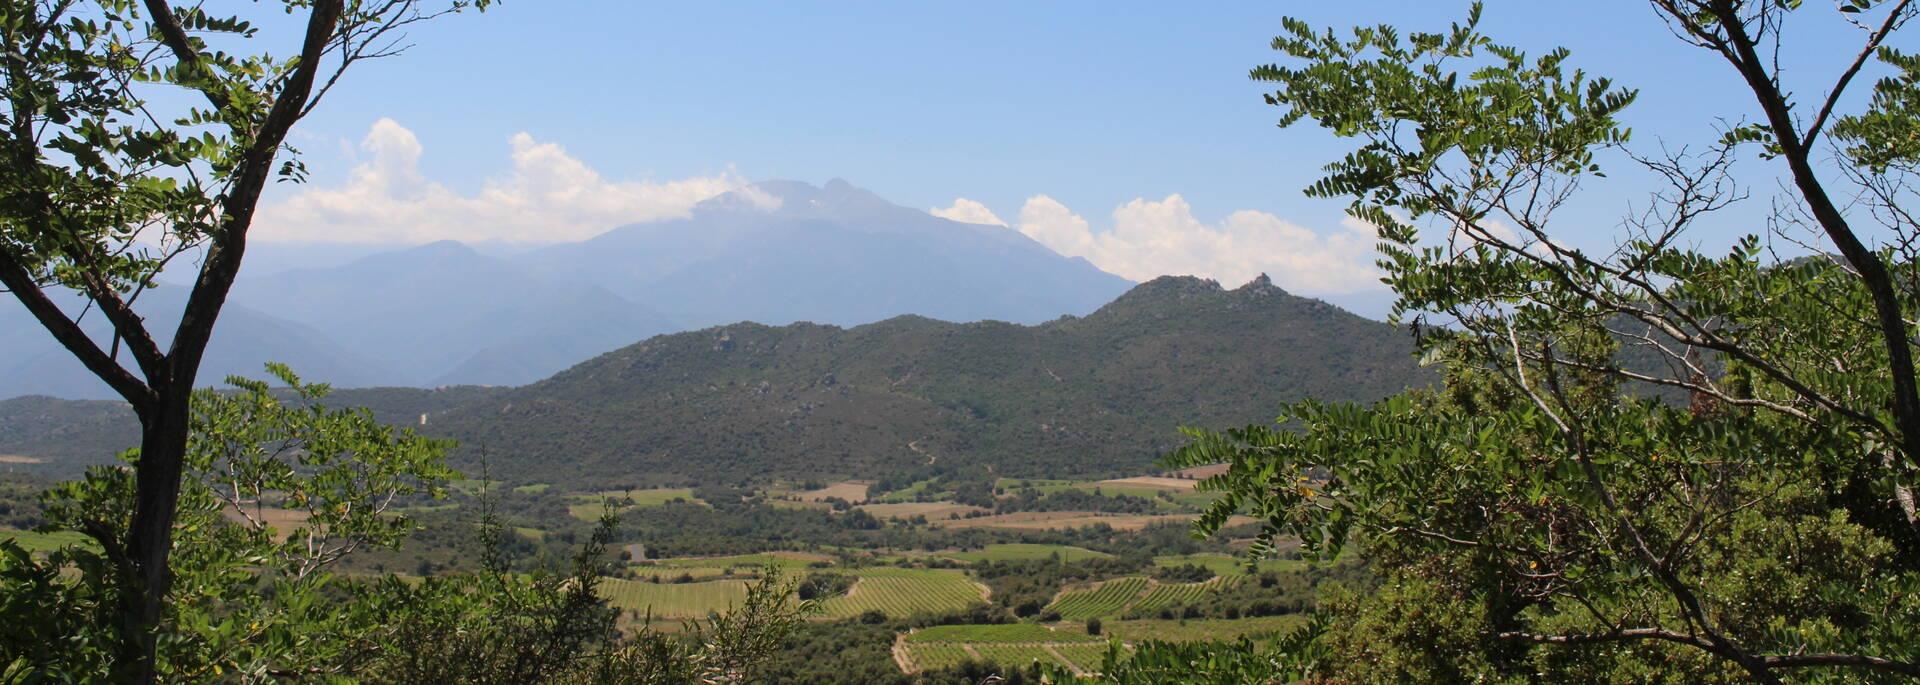 Vue du Canigou depuis la D13 au dessus de Tarerach